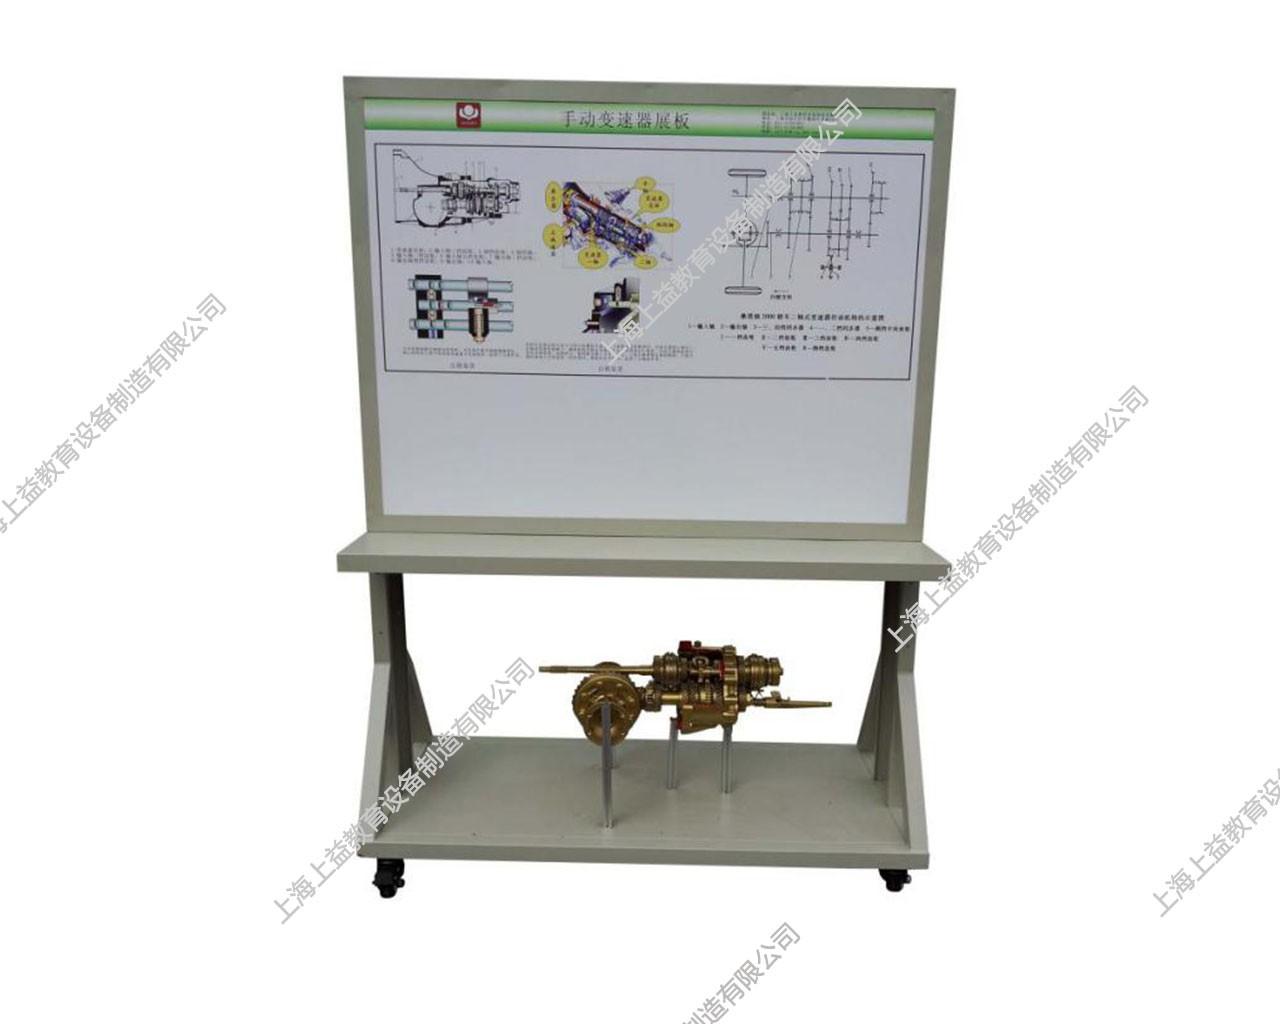 汽车变速器结构原理展示板